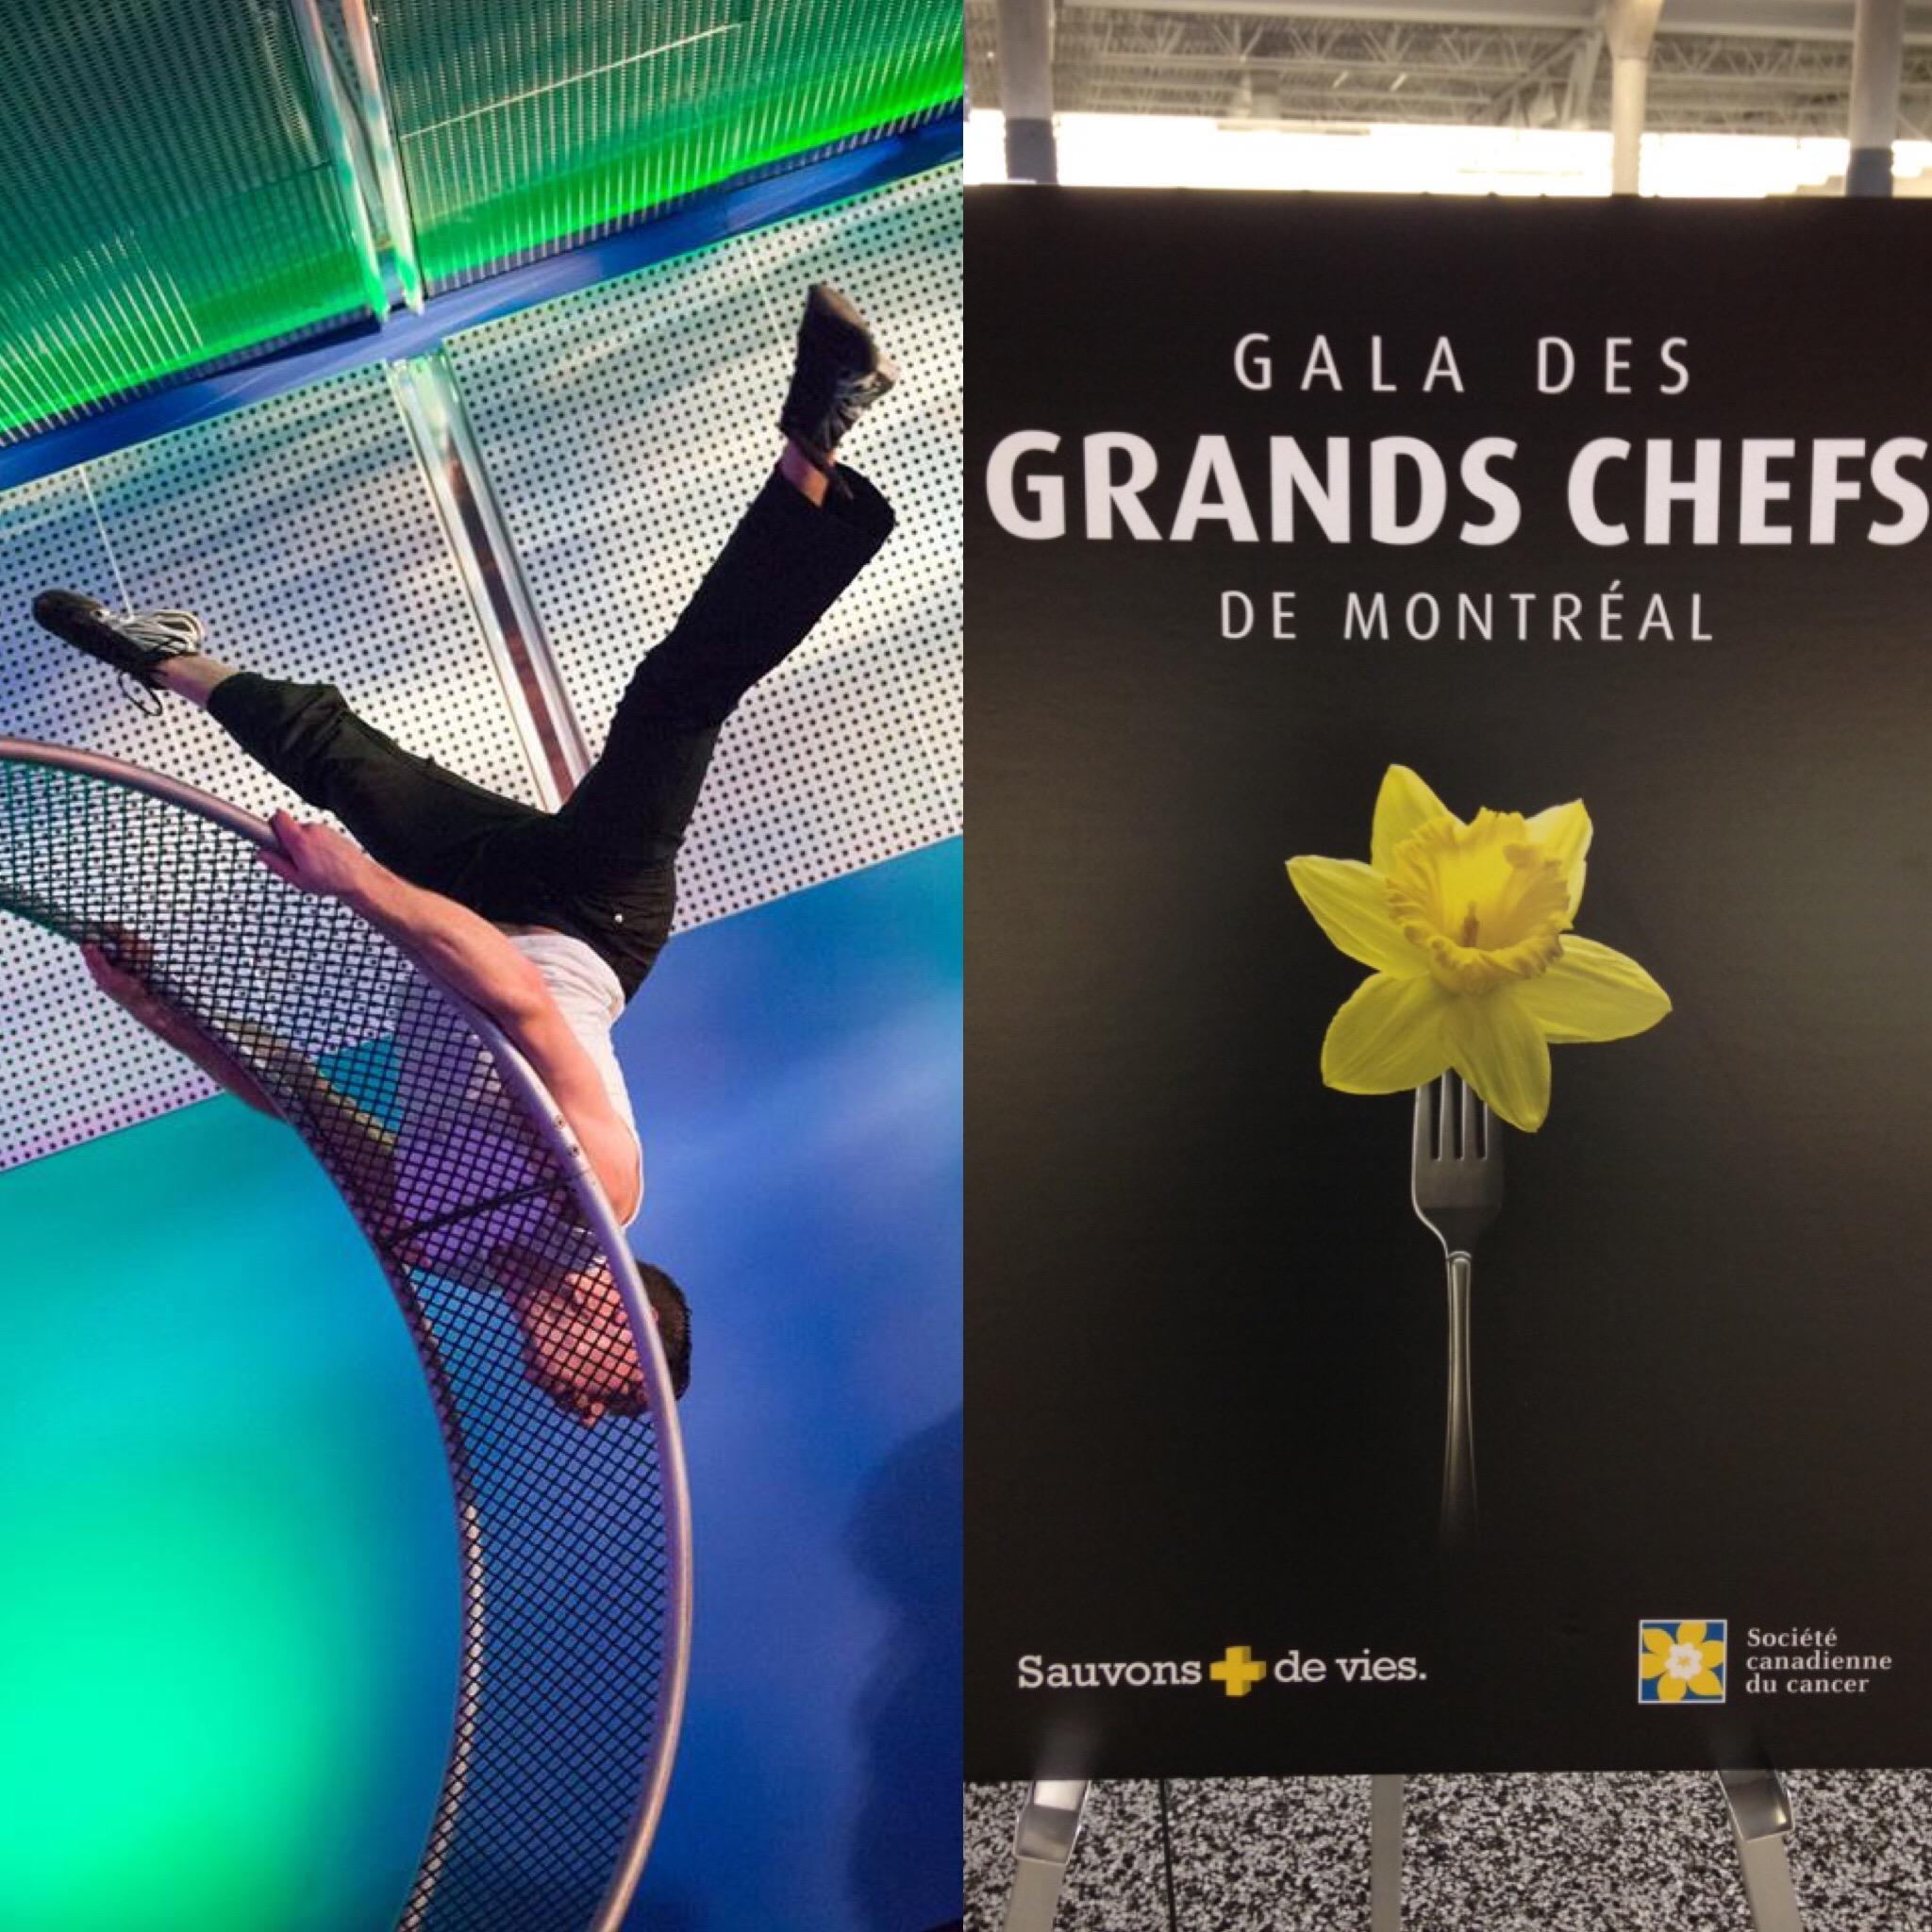 Soirée bénéfice - Société canadienne du cancer 2015